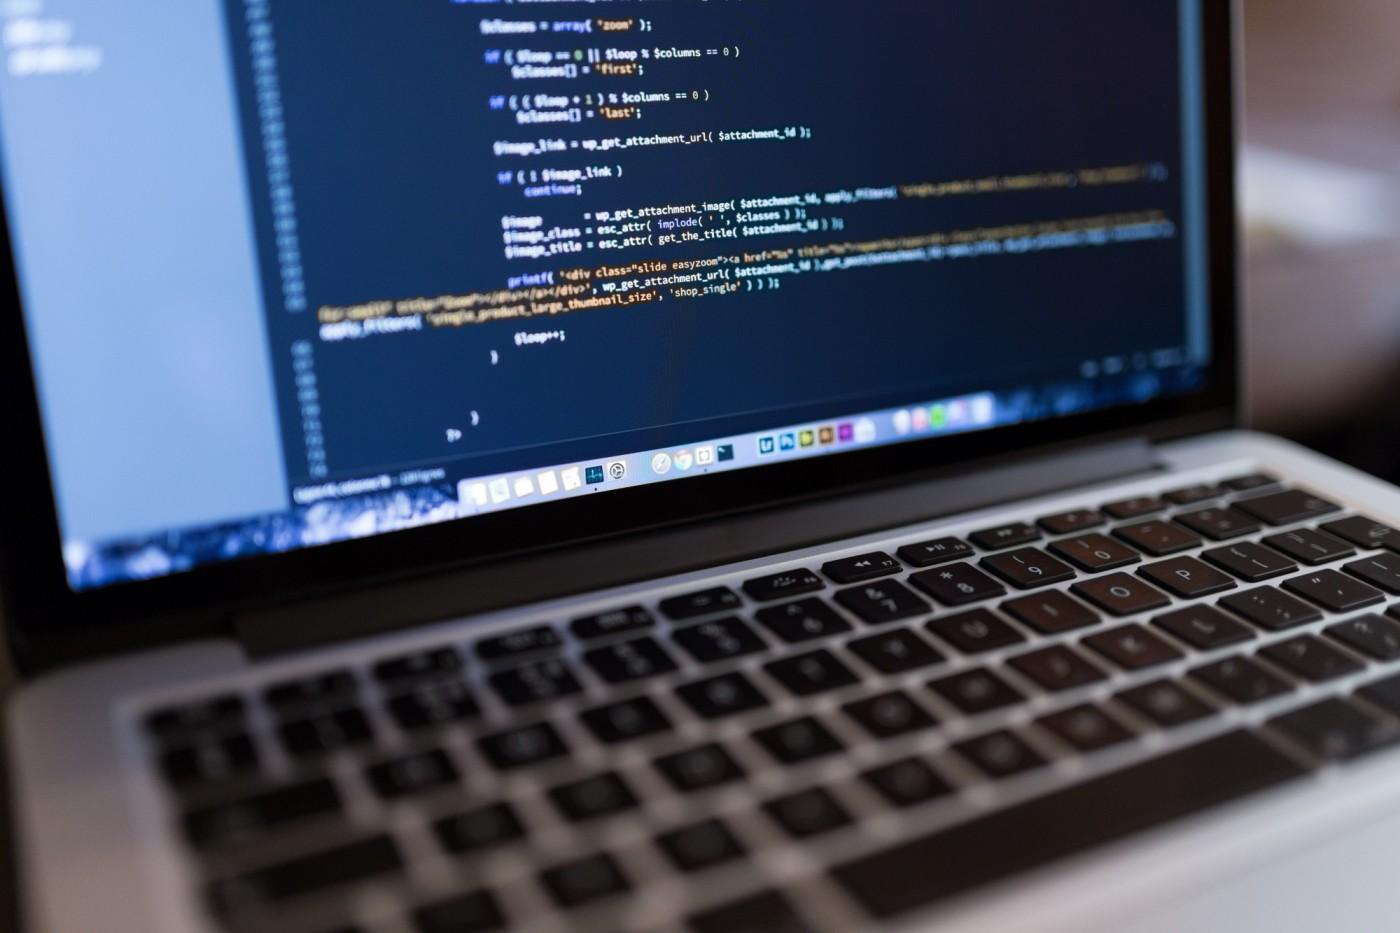 高效工作|靠Python甩掉機械式作業!7大常見煩人場景,用程式語言來解放|數位時代